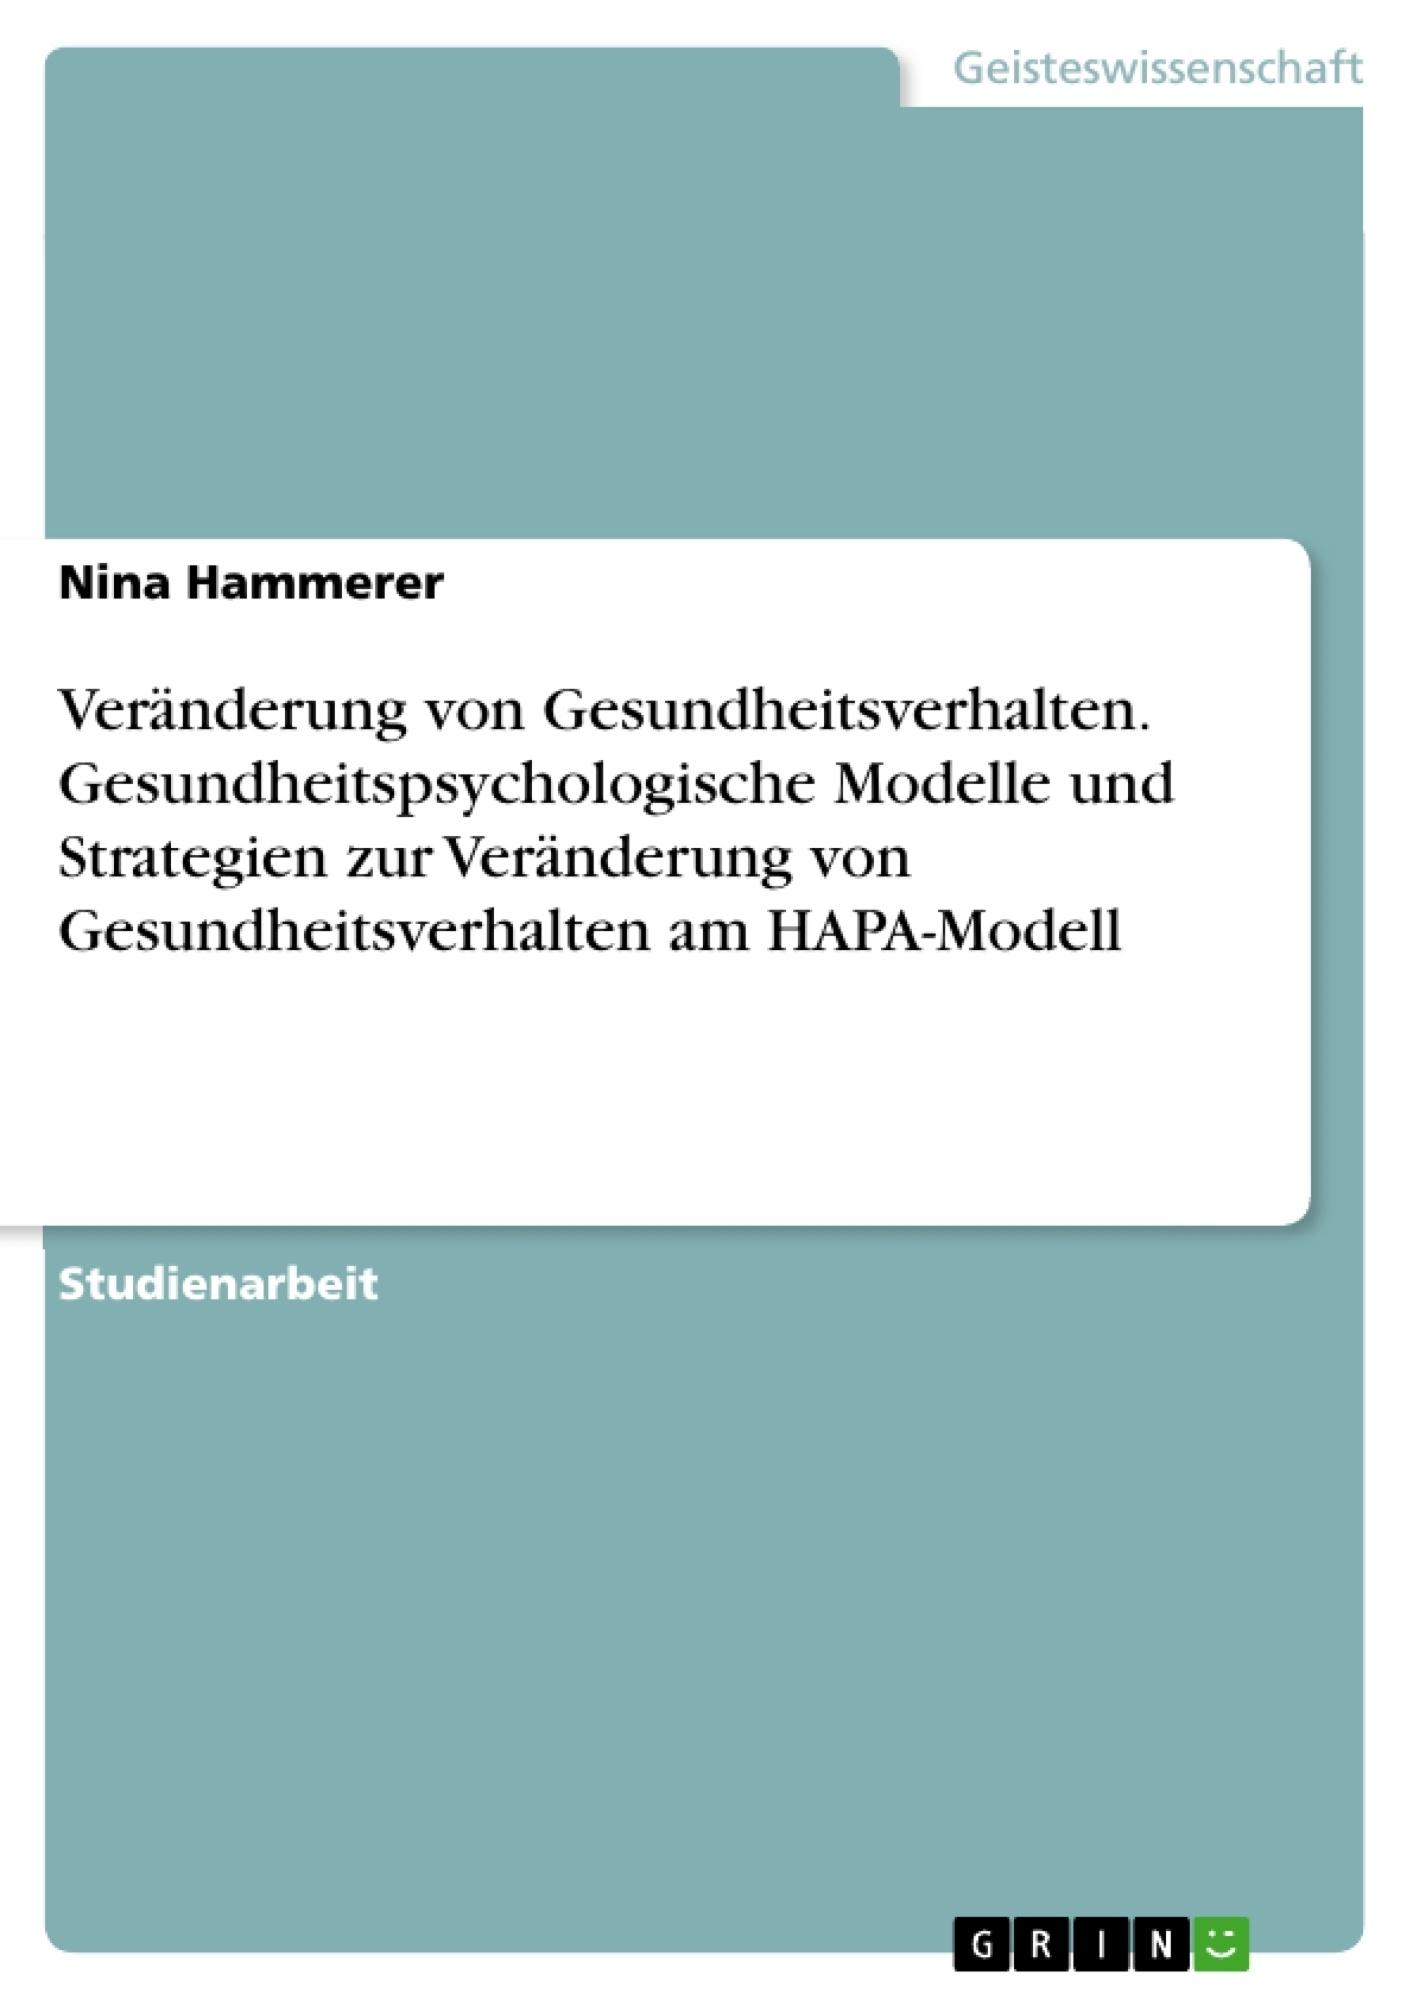 Titel: Veränderung von Gesundheitsverhalten. Gesundheitspsychologische Modelle und Strategien zur Veränderung von Gesundheitsverhalten am HAPA-Modell